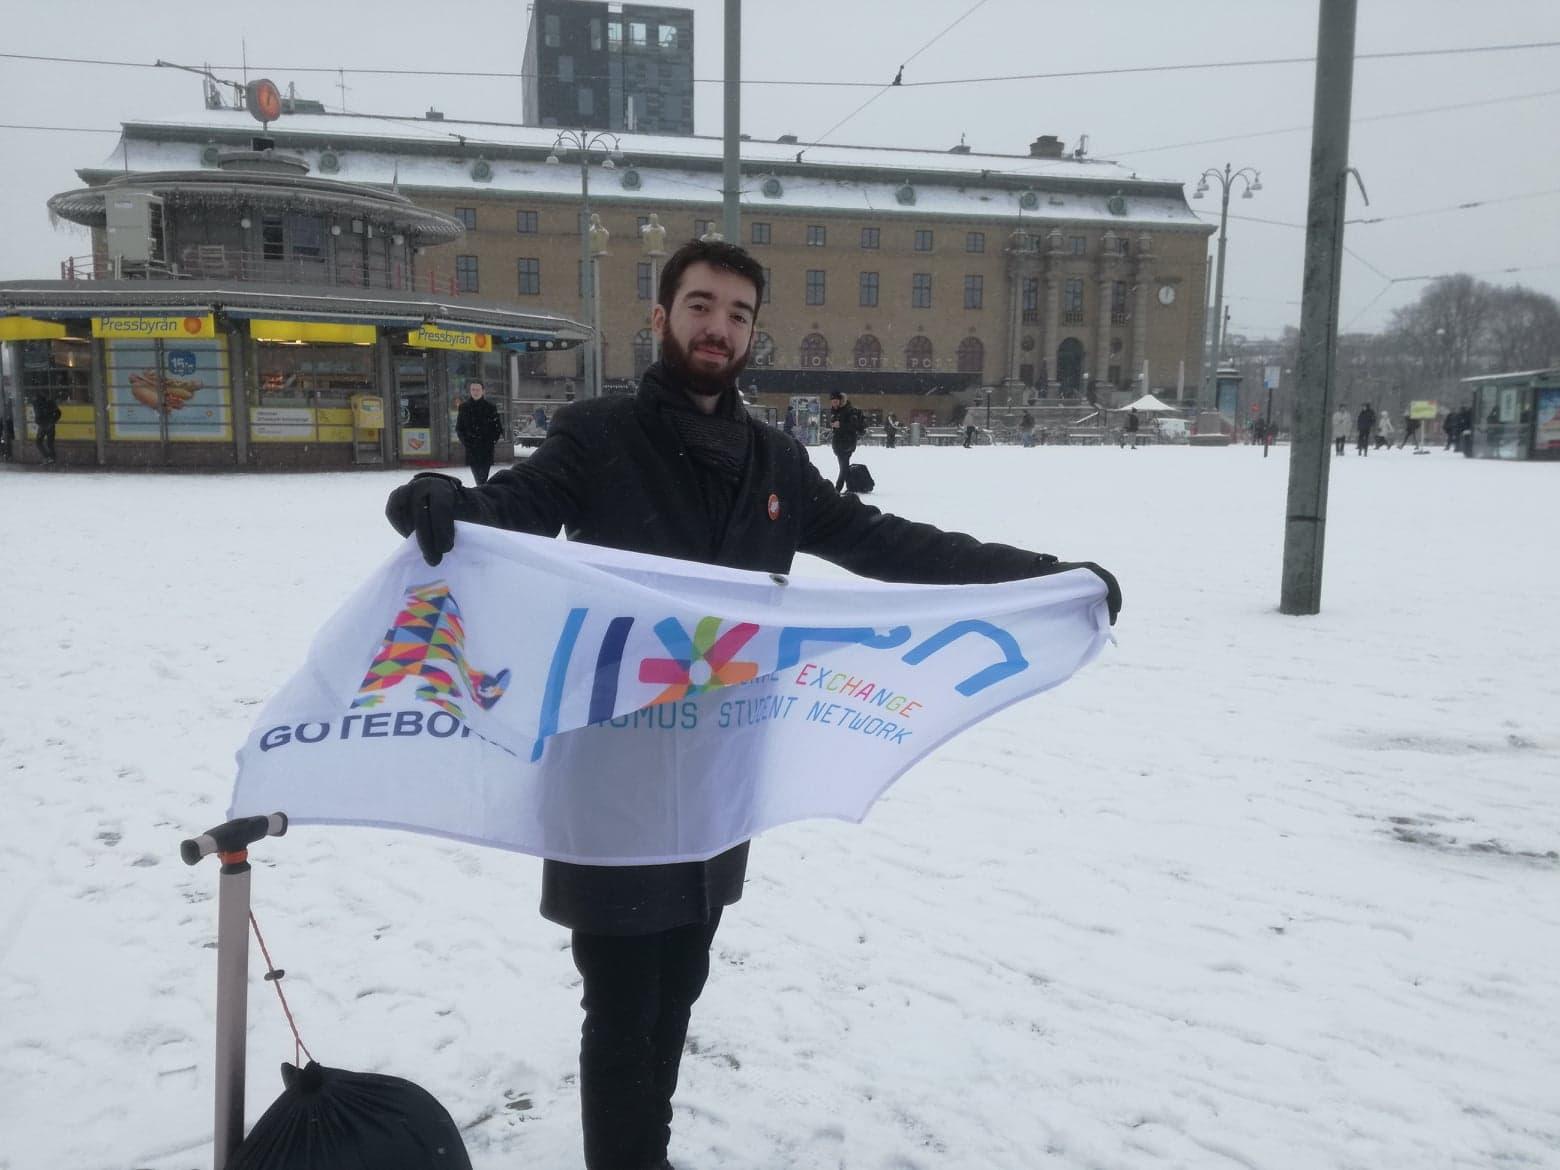 Alexis Brunet avec le drapeau du IESN Goteborg